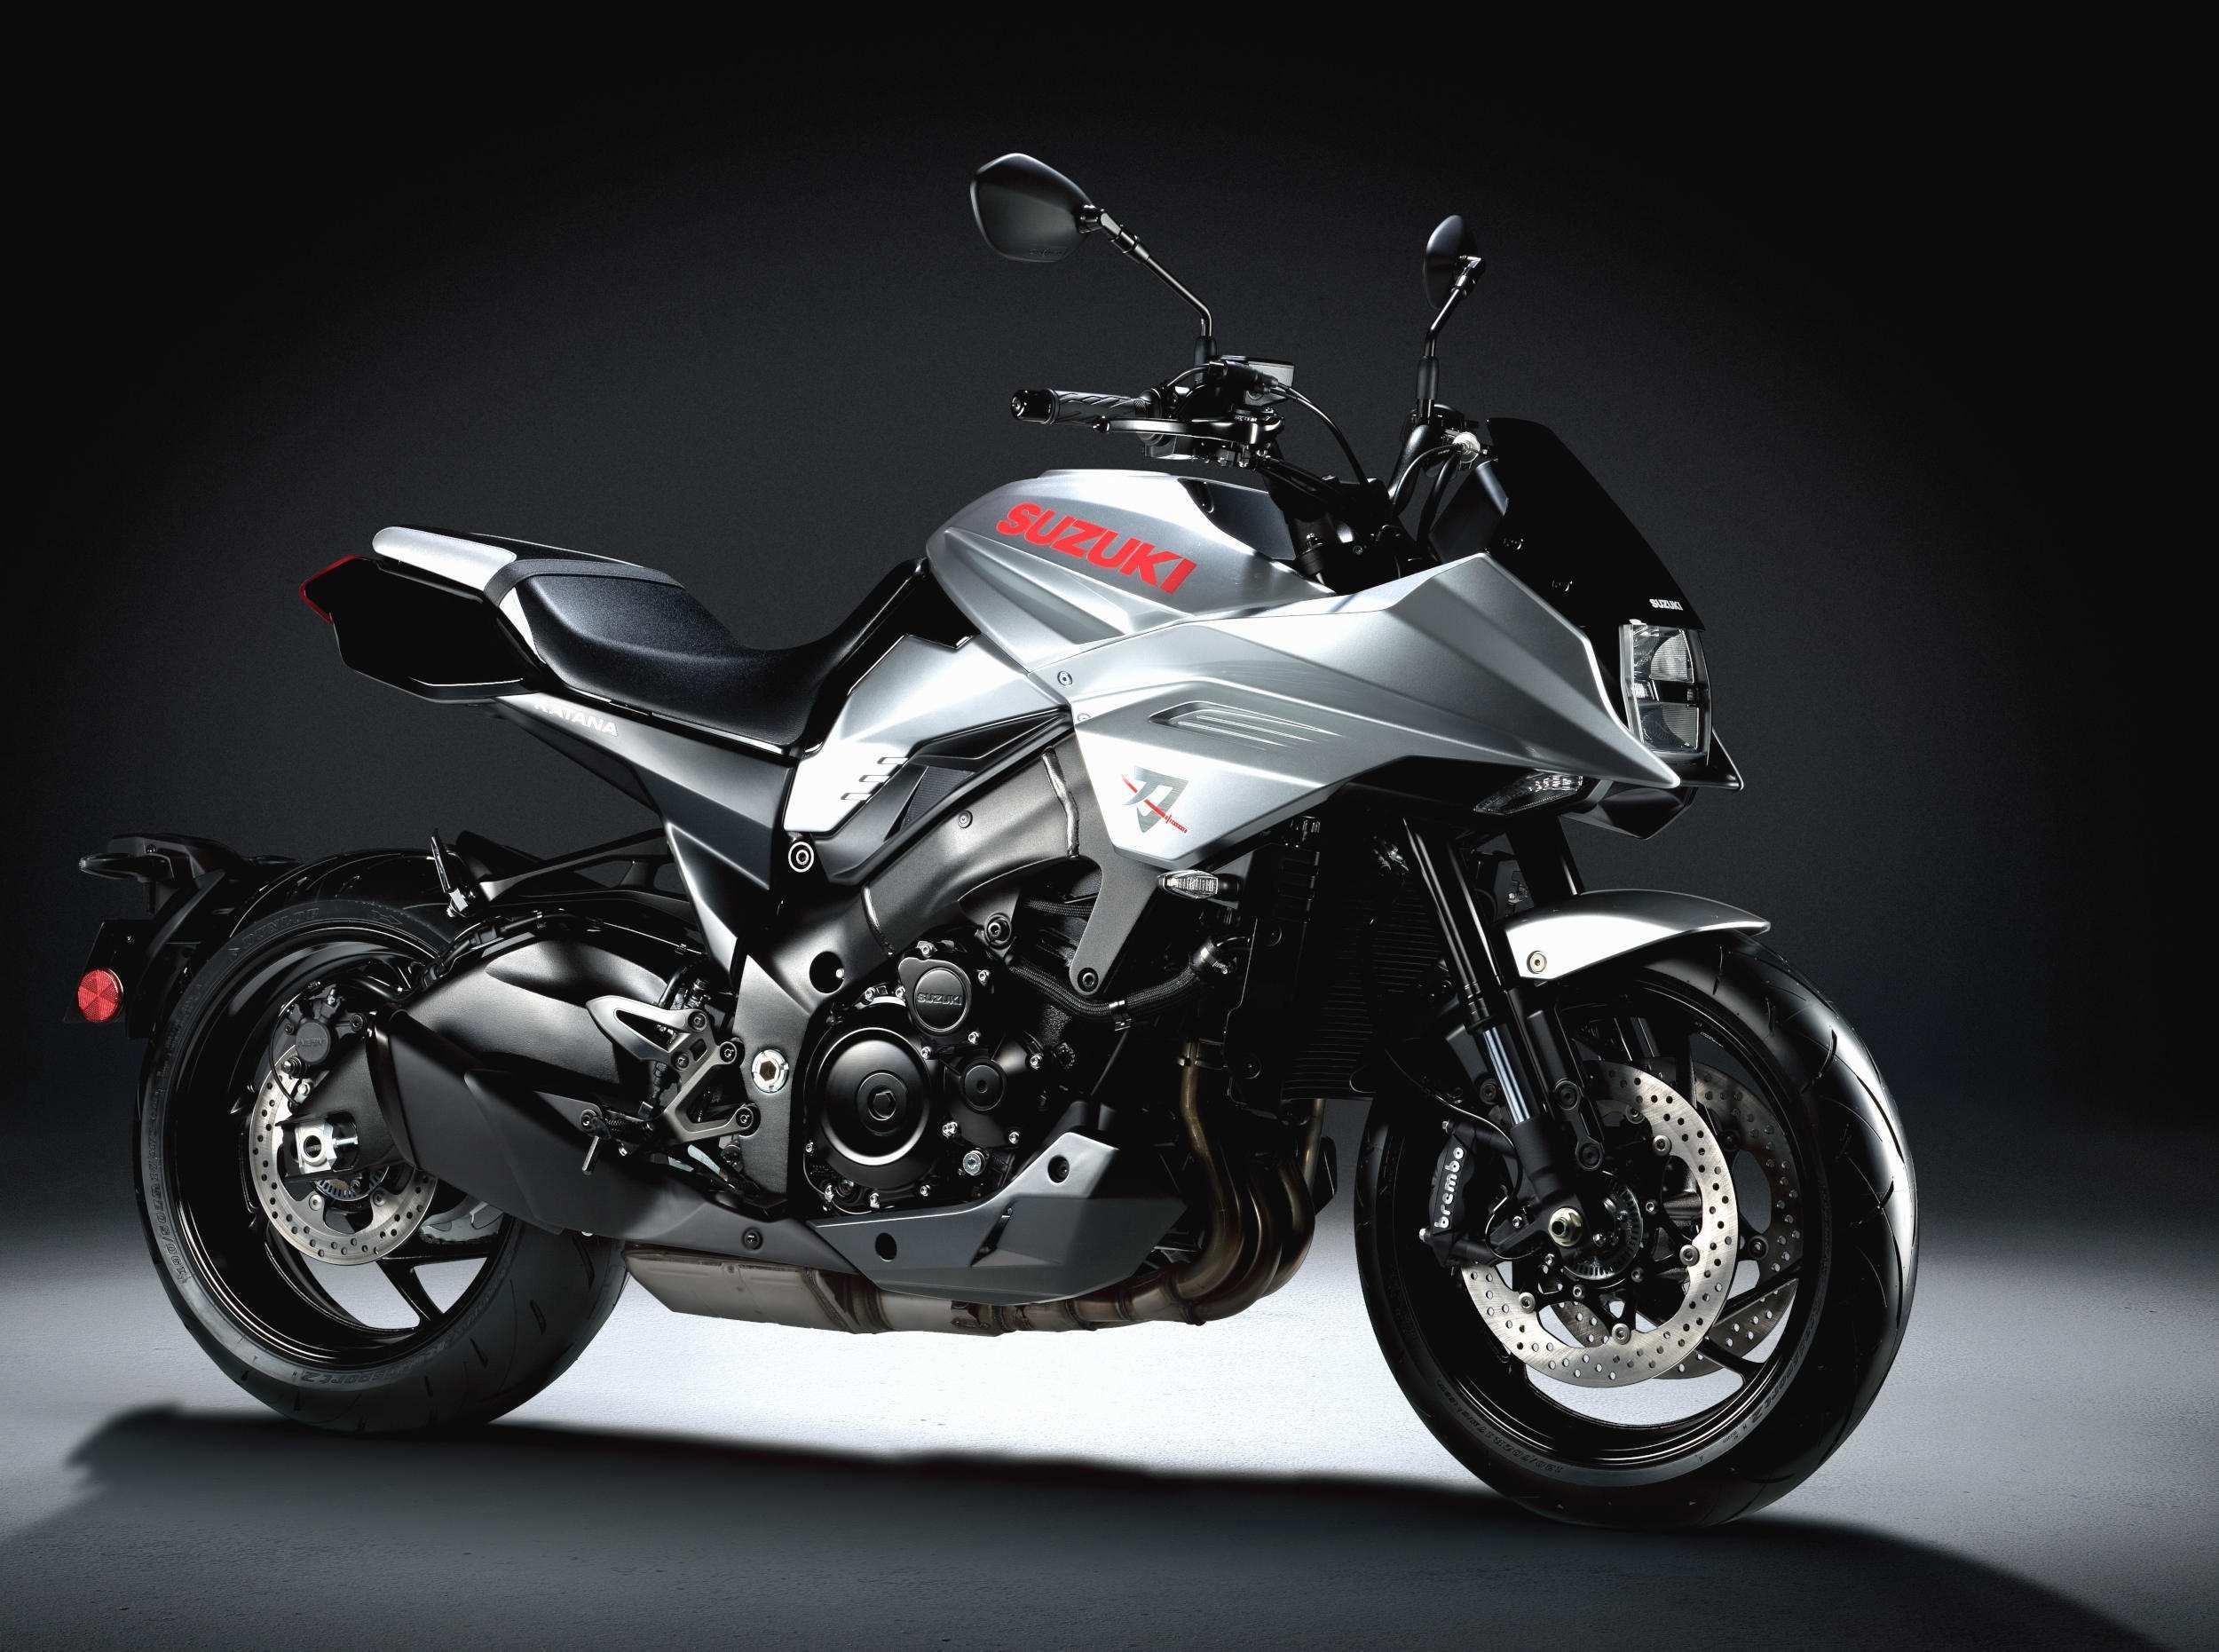 74 Best Review 2020 Suzuki Rumors for 2020 Suzuki